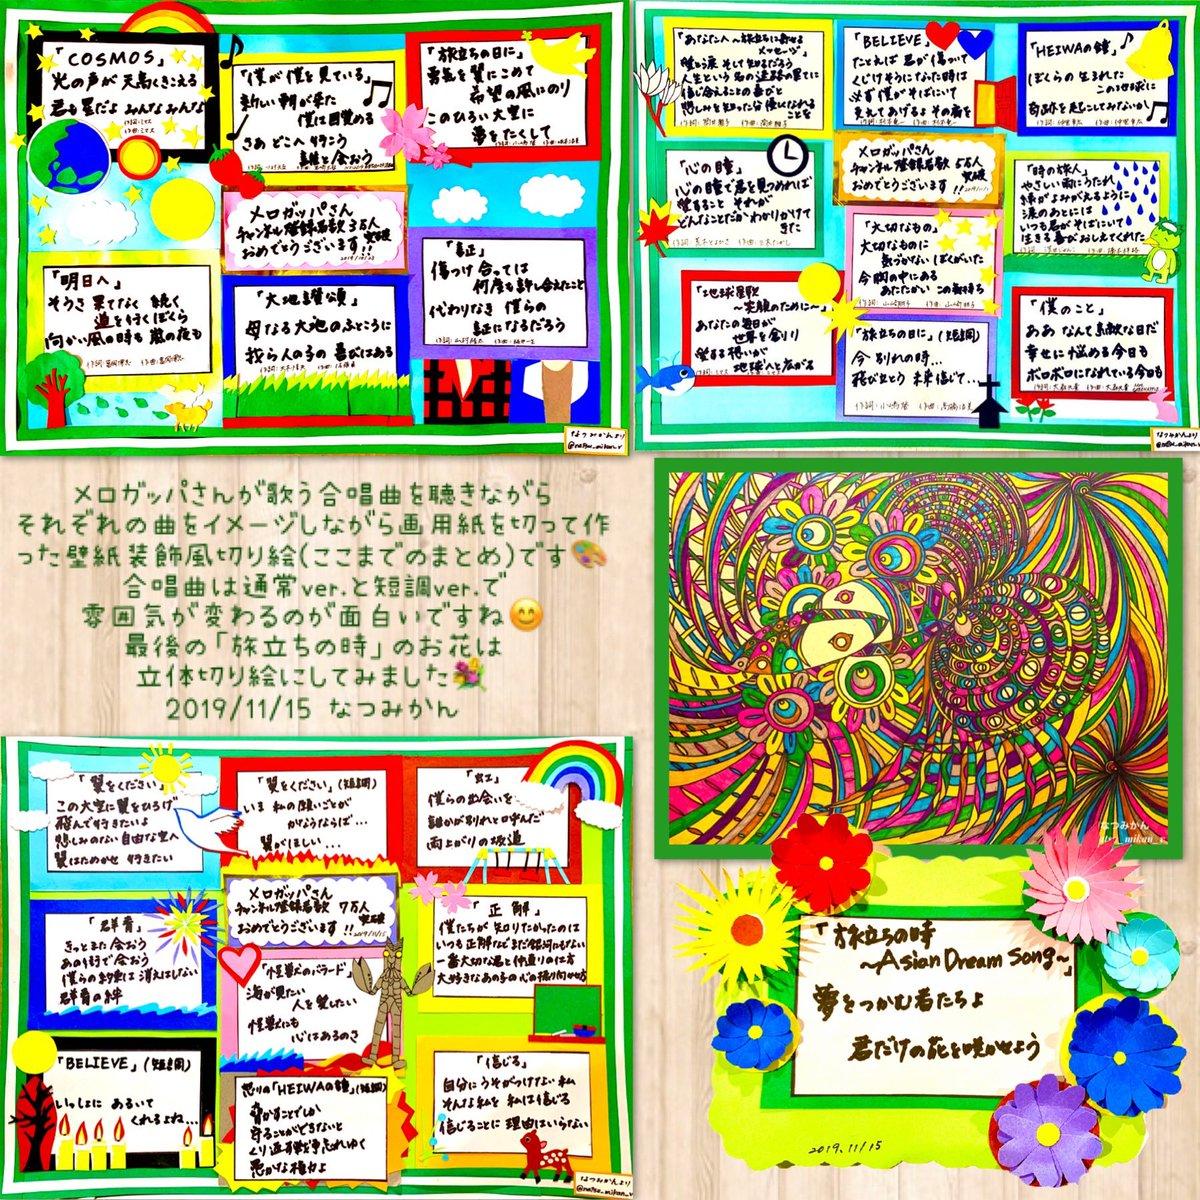 #メロガッパ さんチャンネル登録者7万人おめでとうございます🎉5万人〜7万人までの動画の曲のイメージを教室の壁紙風 #切り絵 にしてみました✂️(2枚目)最後の絵は合唱曲を聴きながら描いてみました♬🎨いつも素敵な歌声、動画をありがとうございます🤗💐 #キリトリセカイ